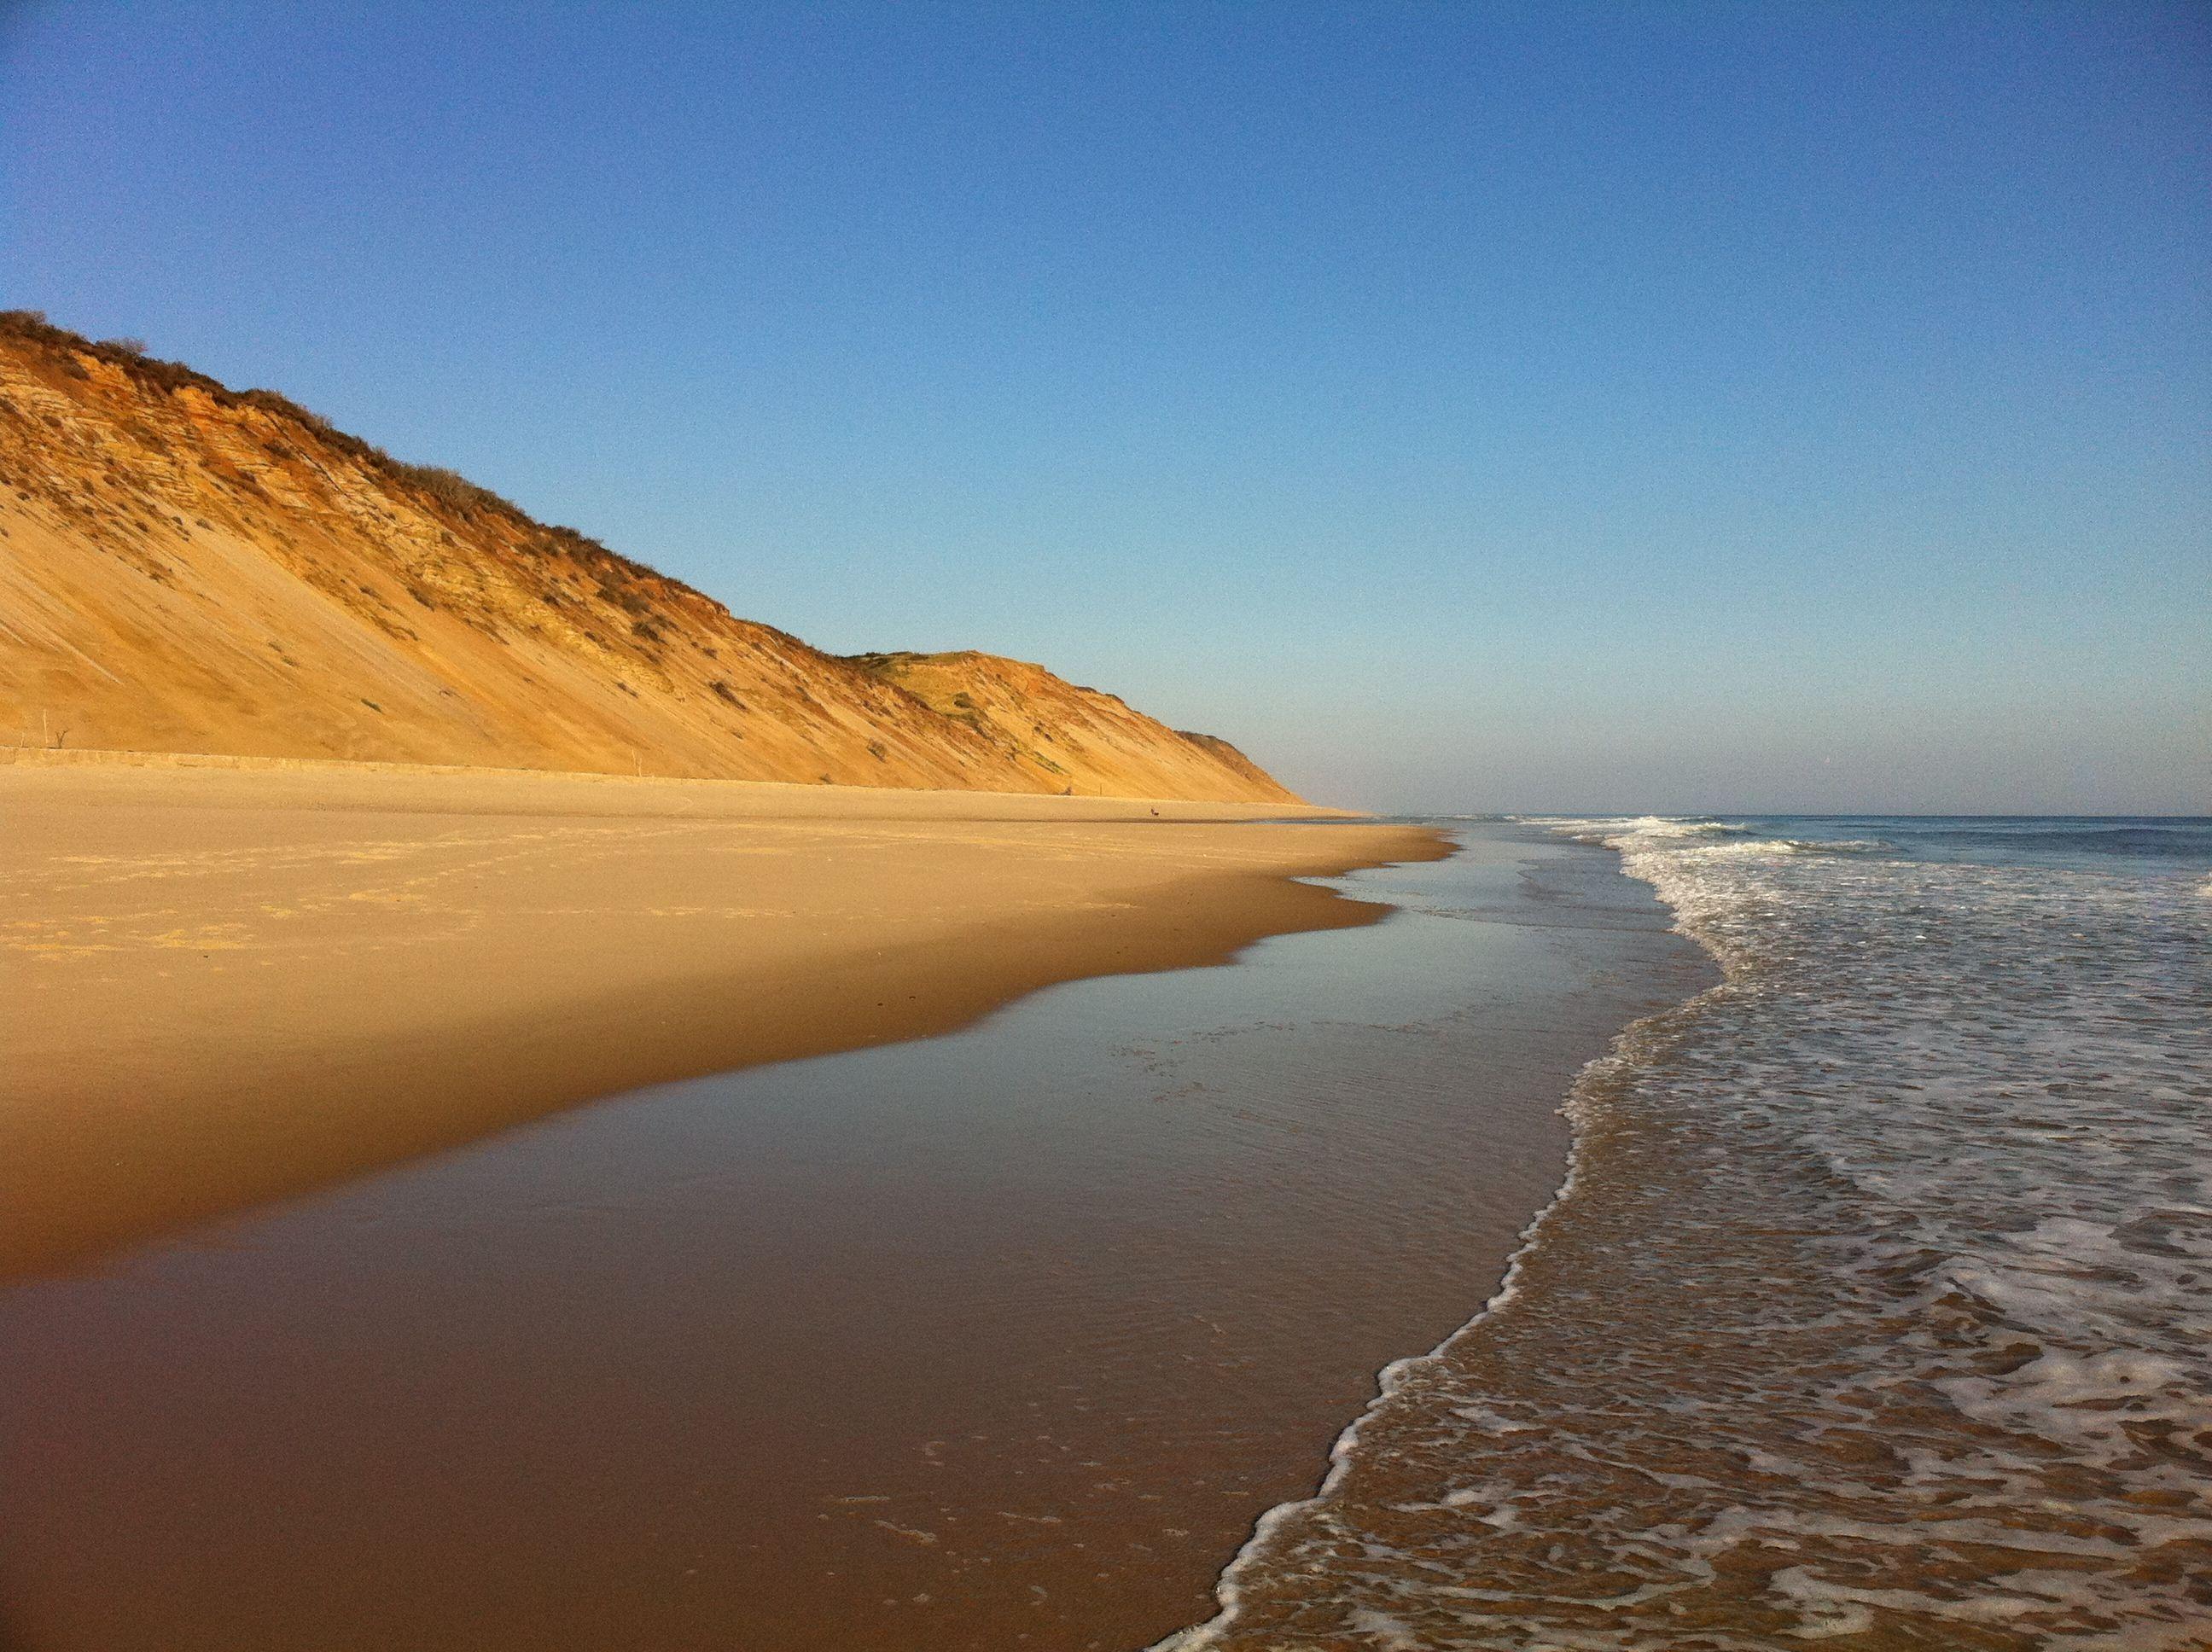 Can't beat our beaches! Longnook Beach, Truro, MA ...